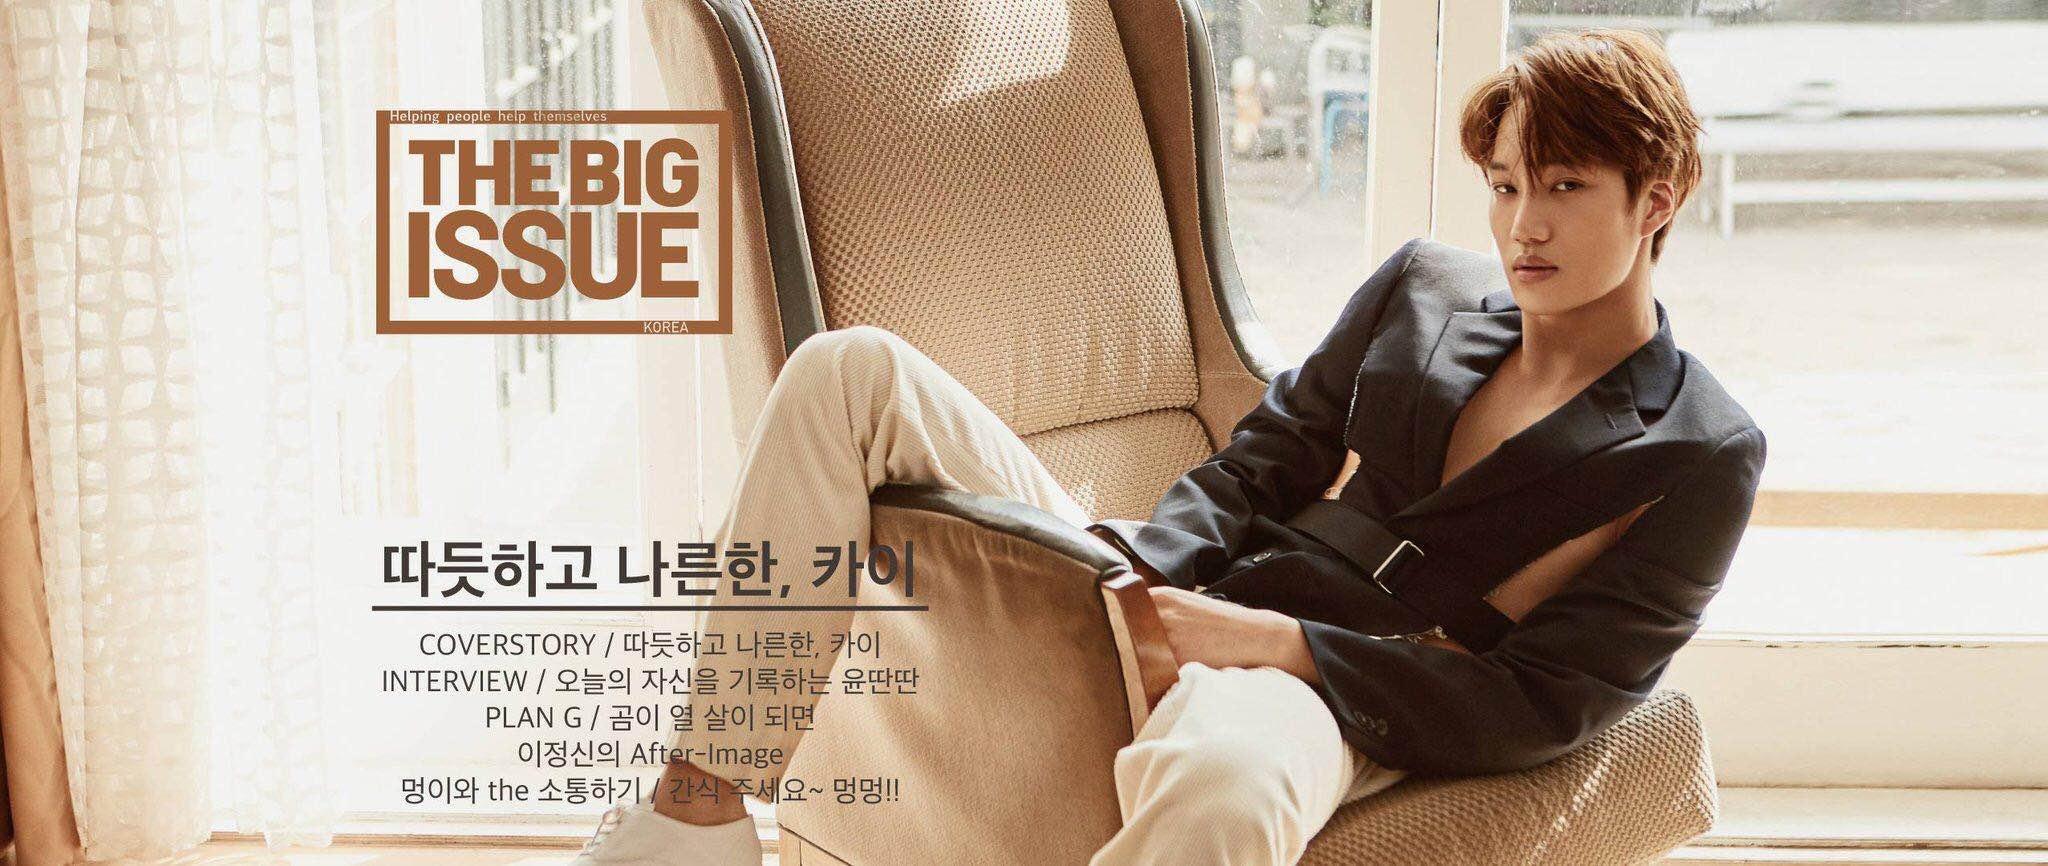 暖!EXO KAI無償拍攝雜誌封面助露宿者解困